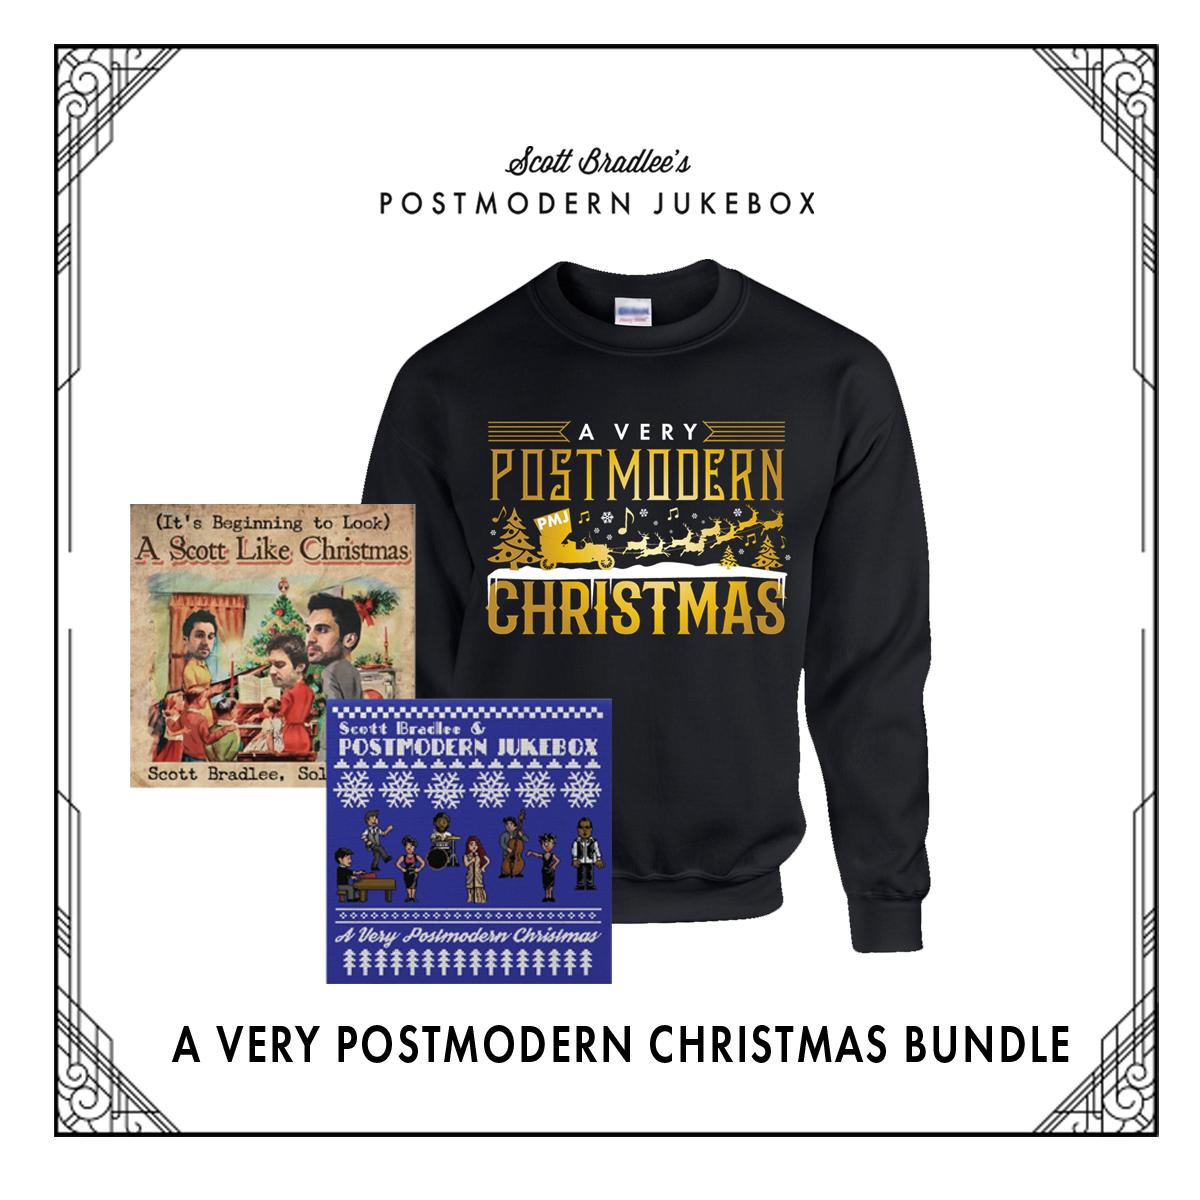 A Very Postmodern Christmas Bundle